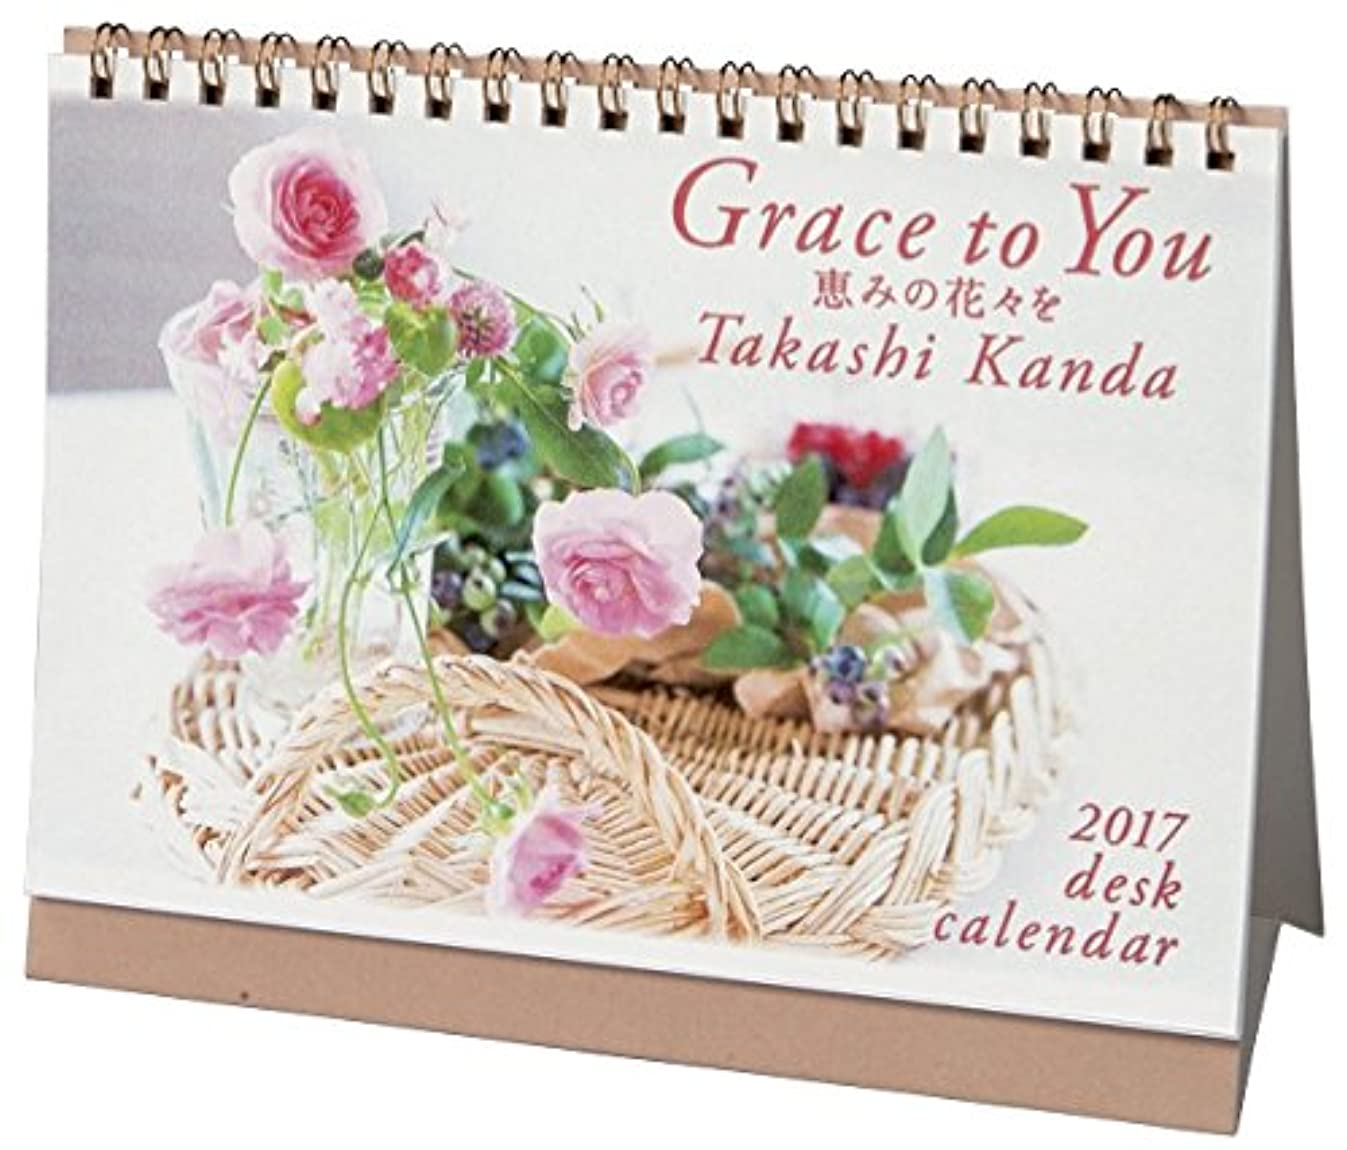 困惑トイレ補足2017年卓上カレンダー Grace to You 恵みの花々を ([カレンダー])